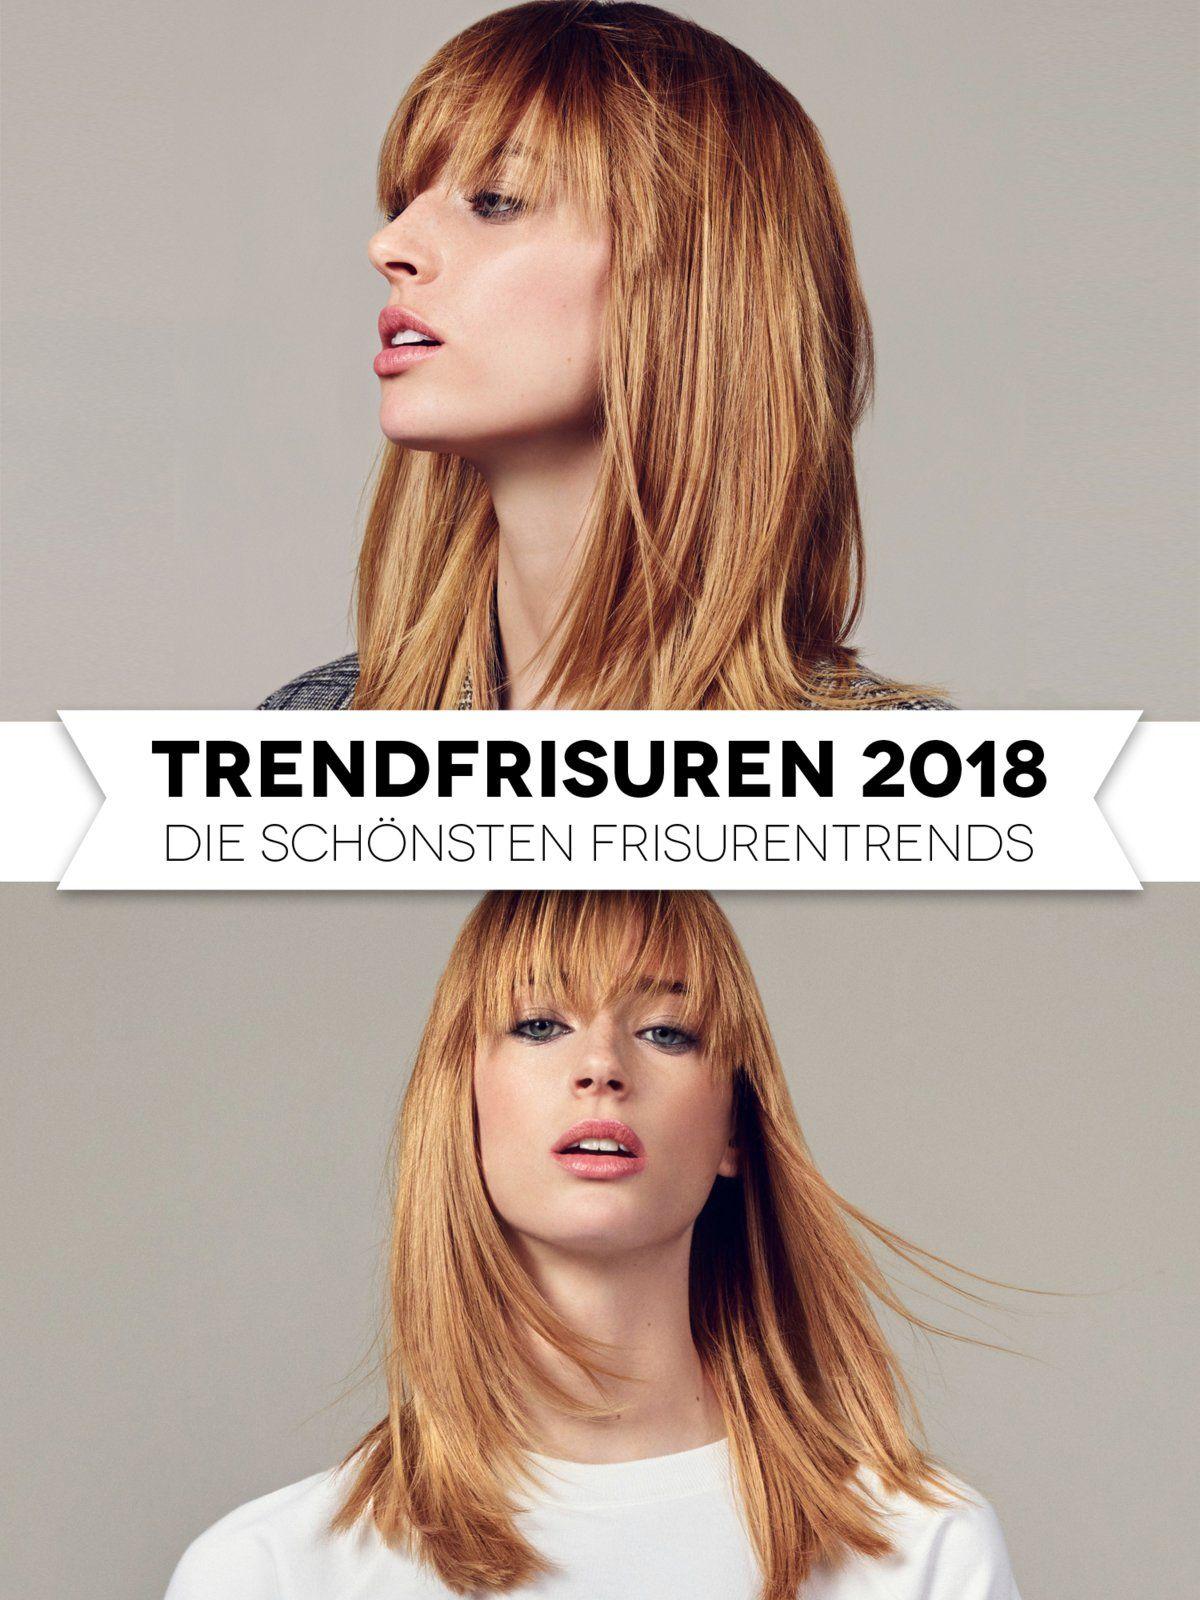 Trendfrisuren 2019 Angesagte Frisuren Fur Frauen Ein Neuer